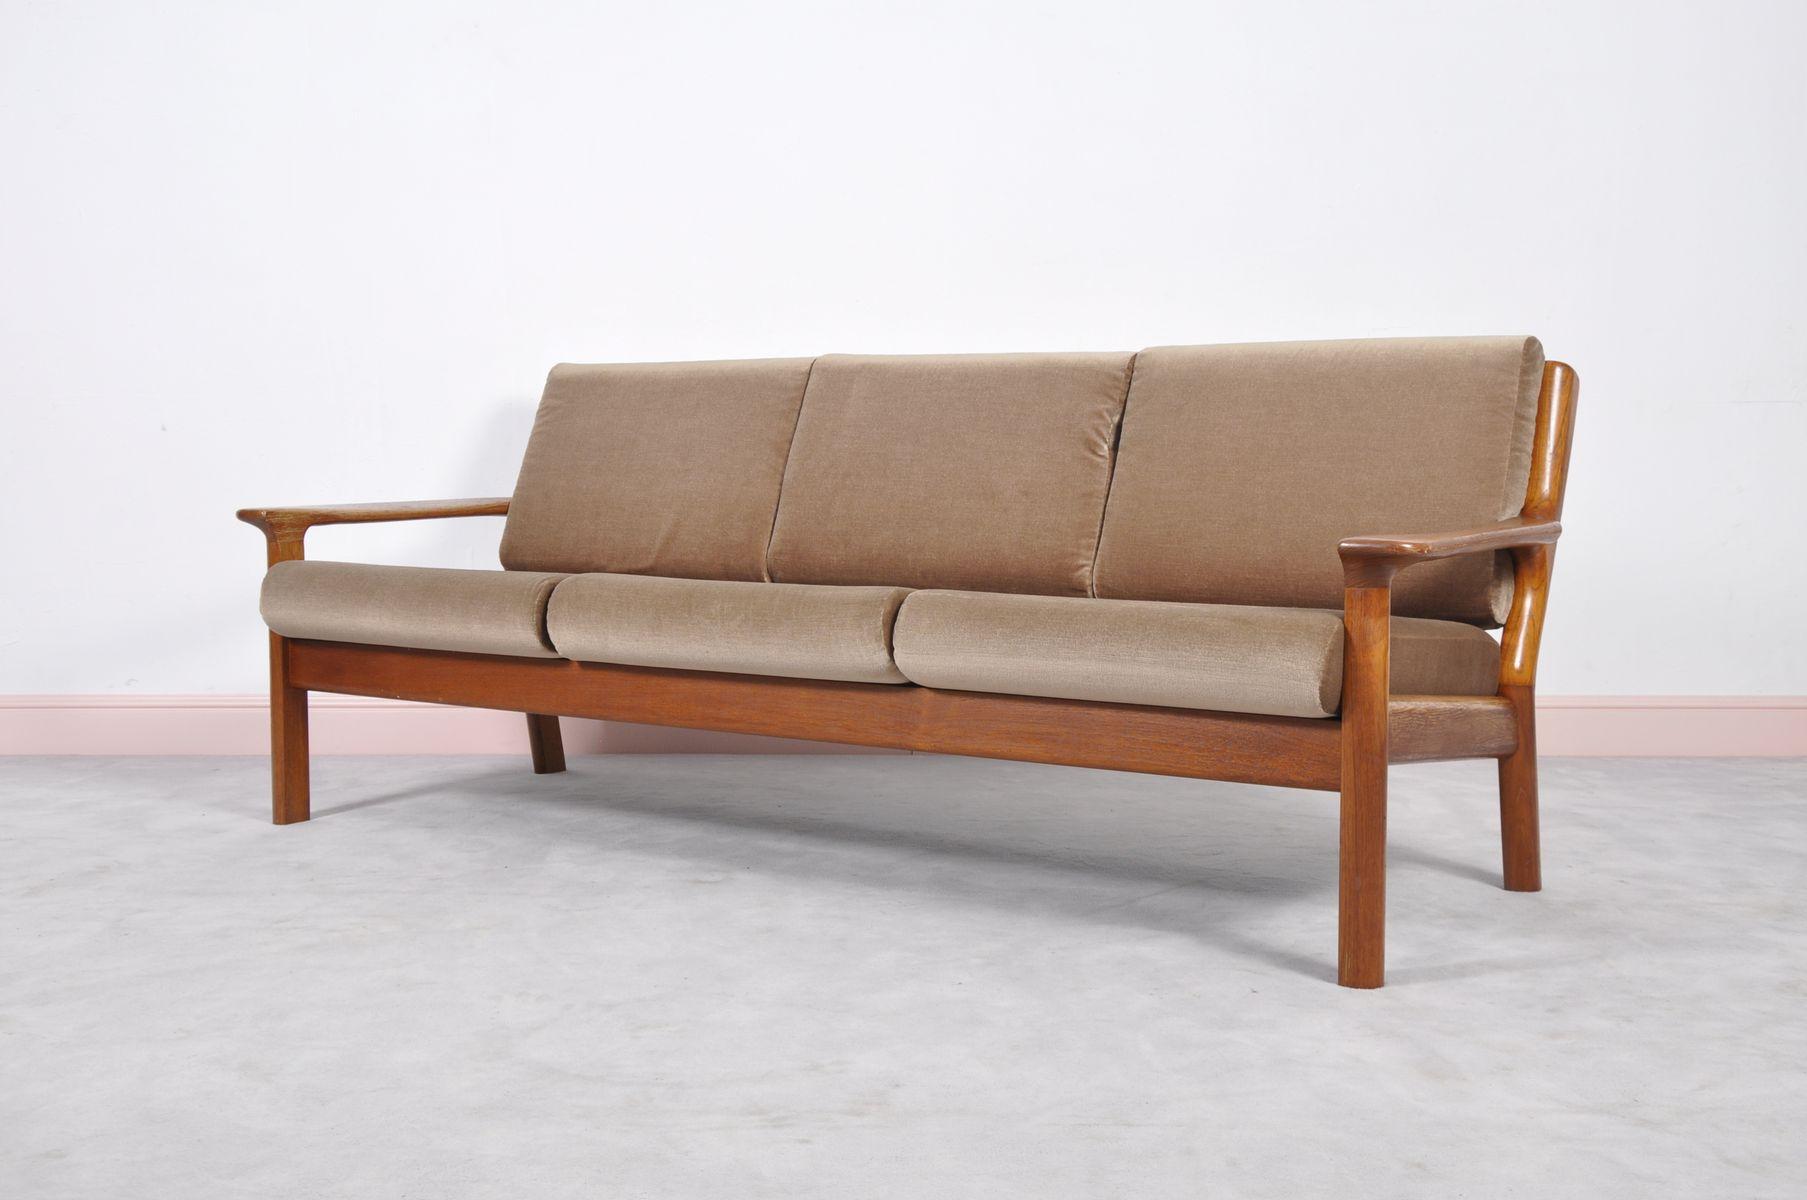 d nisches teak sofa von juul kristiensen f r glostrup. Black Bedroom Furniture Sets. Home Design Ideas